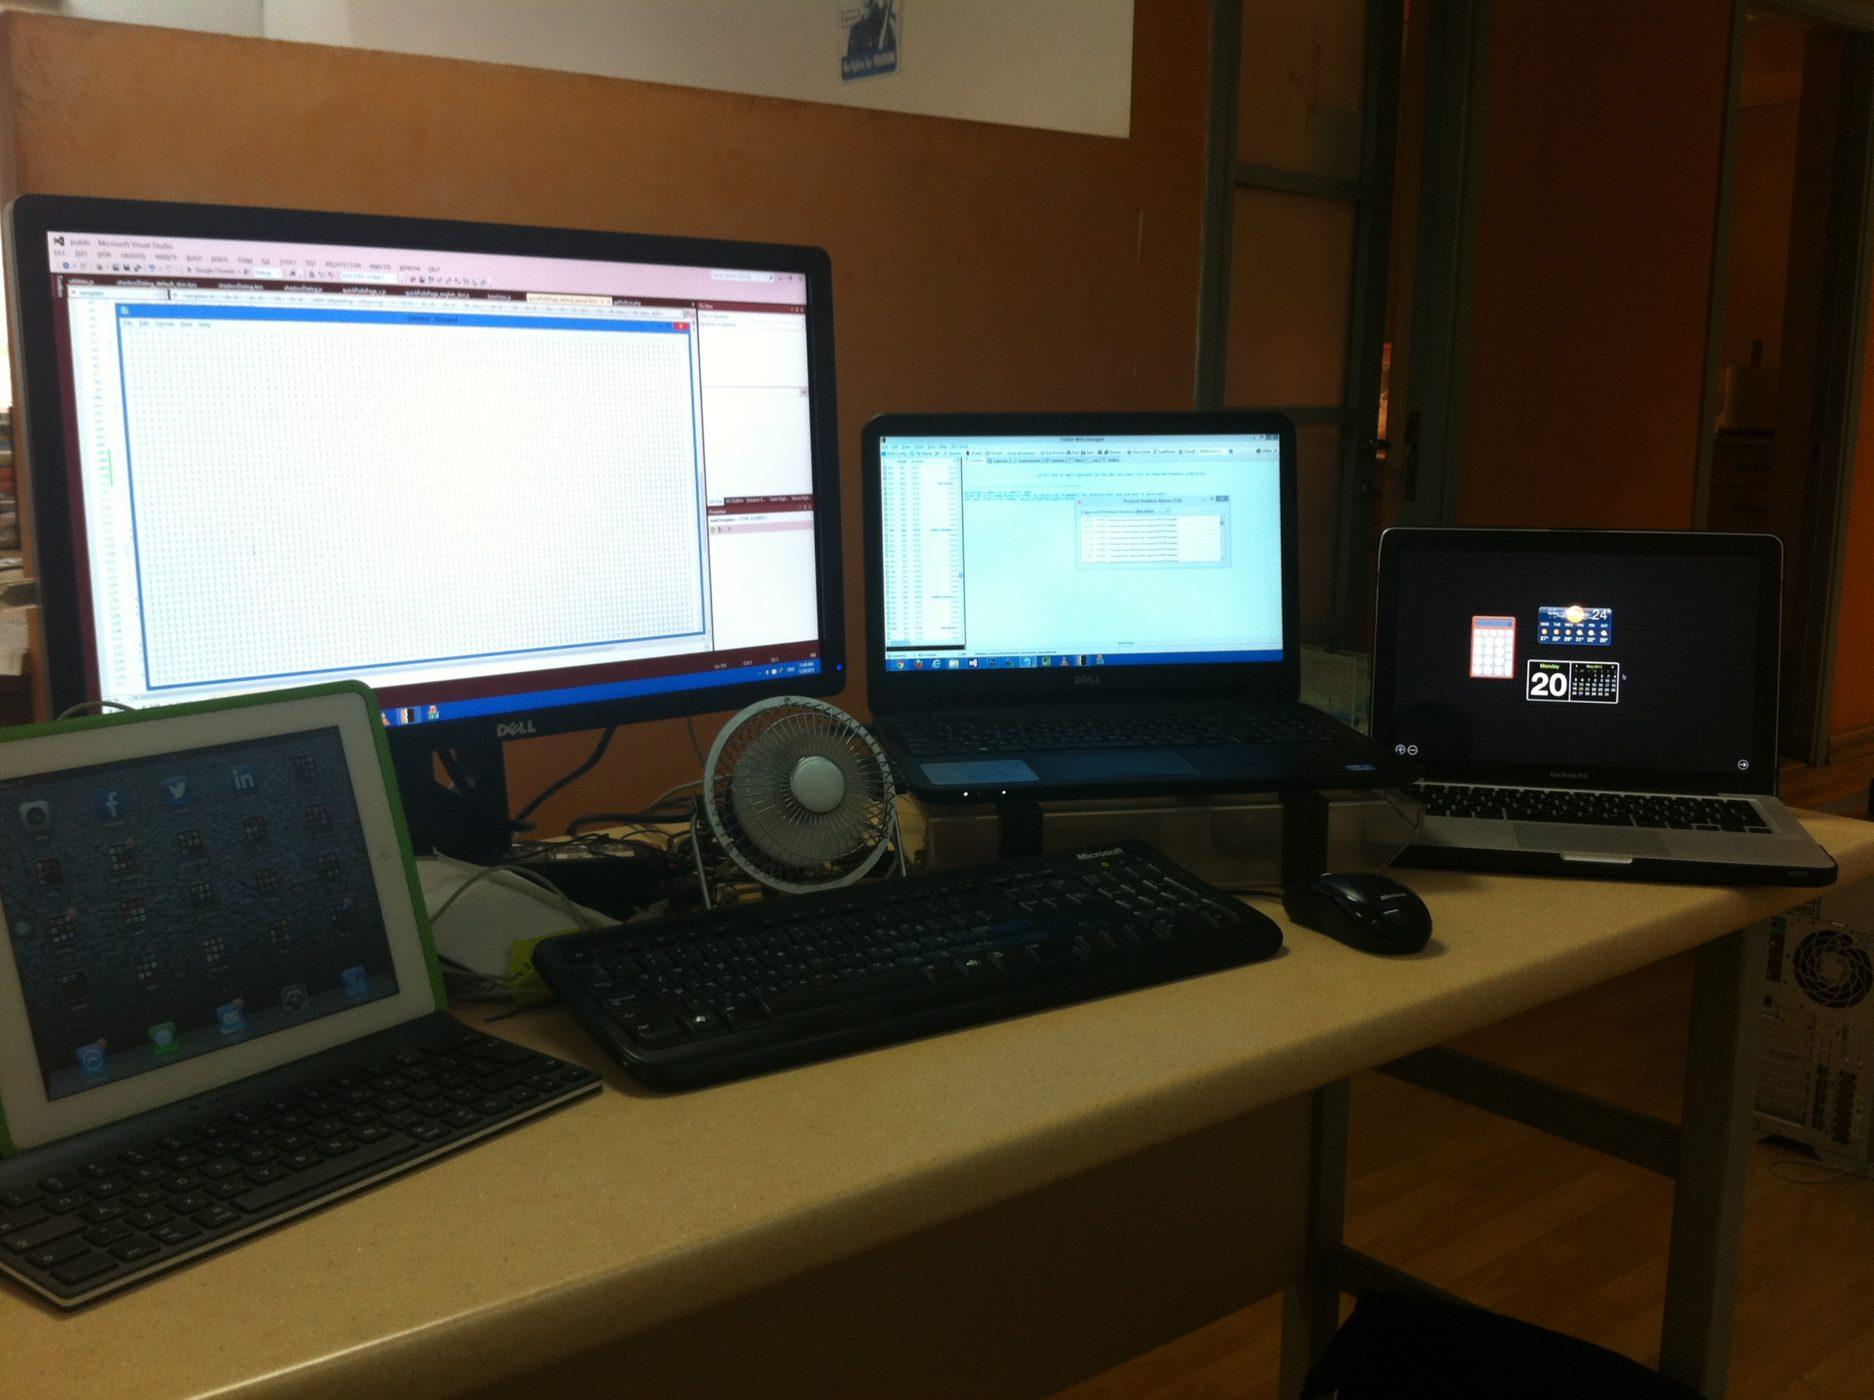 שם השולח: משה ברעם. מוקף בטכנולוגיה (צולם מהסמארטפון), עמדת העבודה שלי.